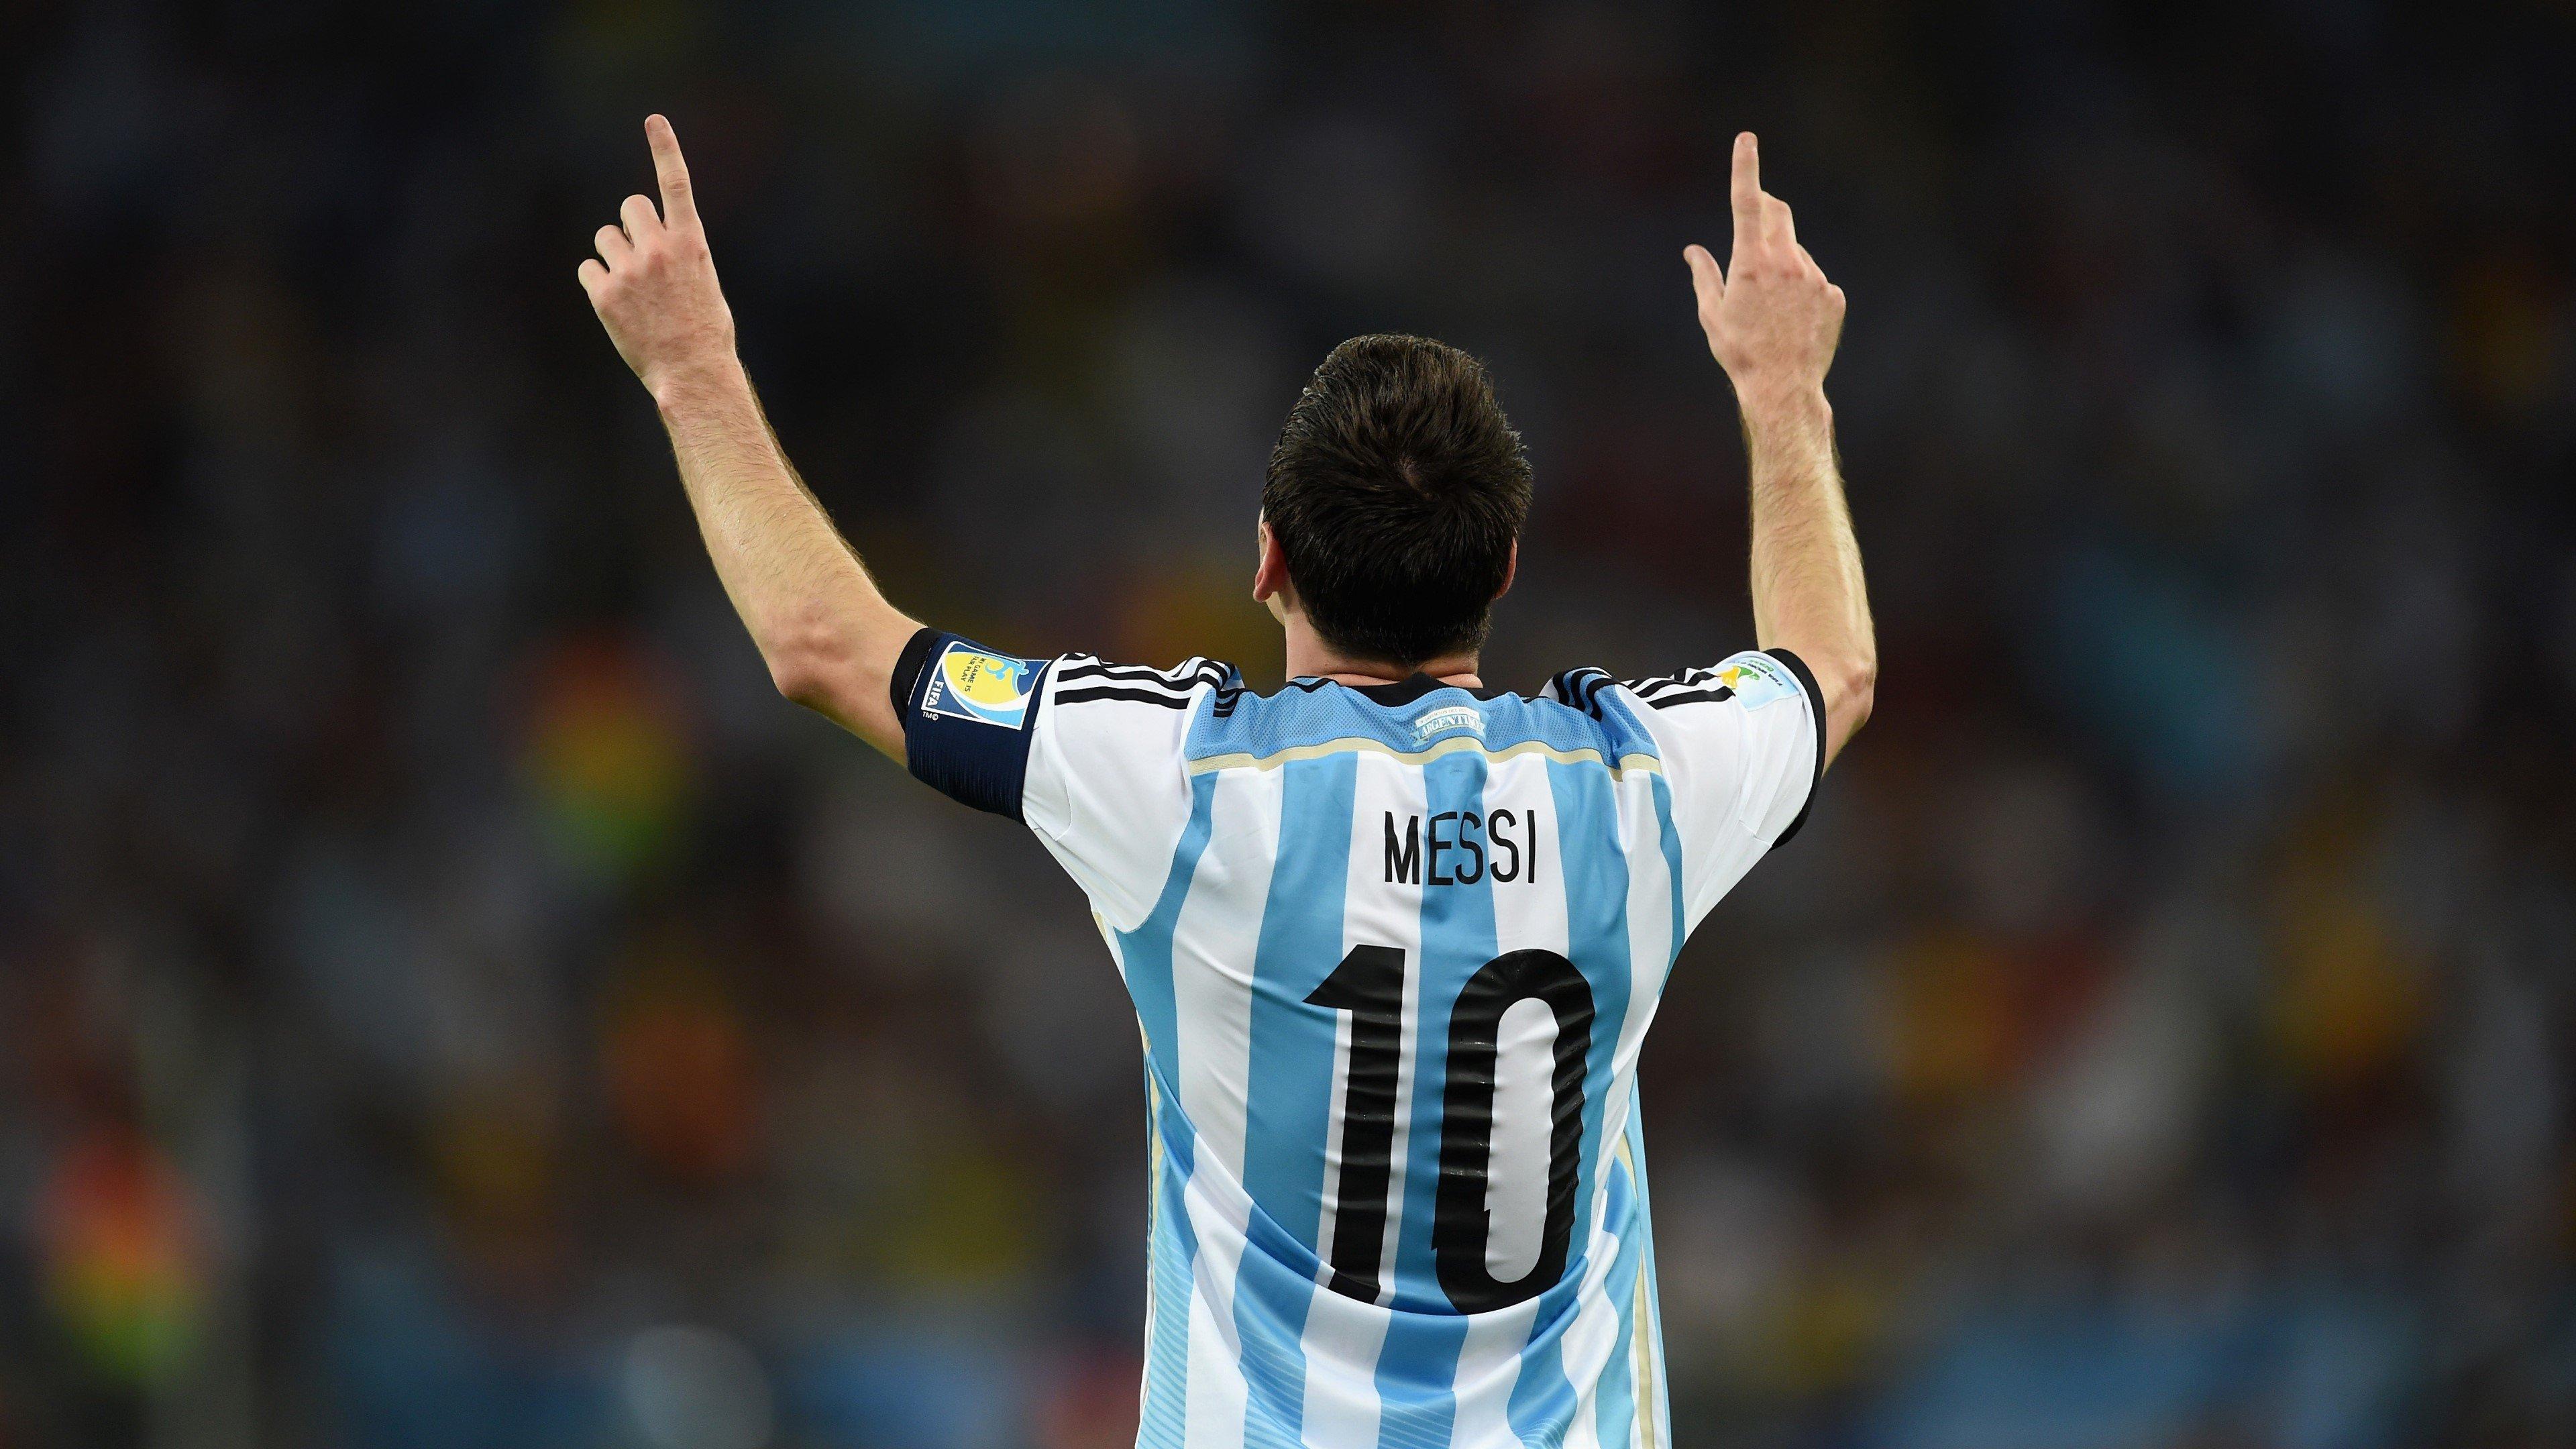 Fondos de pantalla Lionel Messi en un estadio